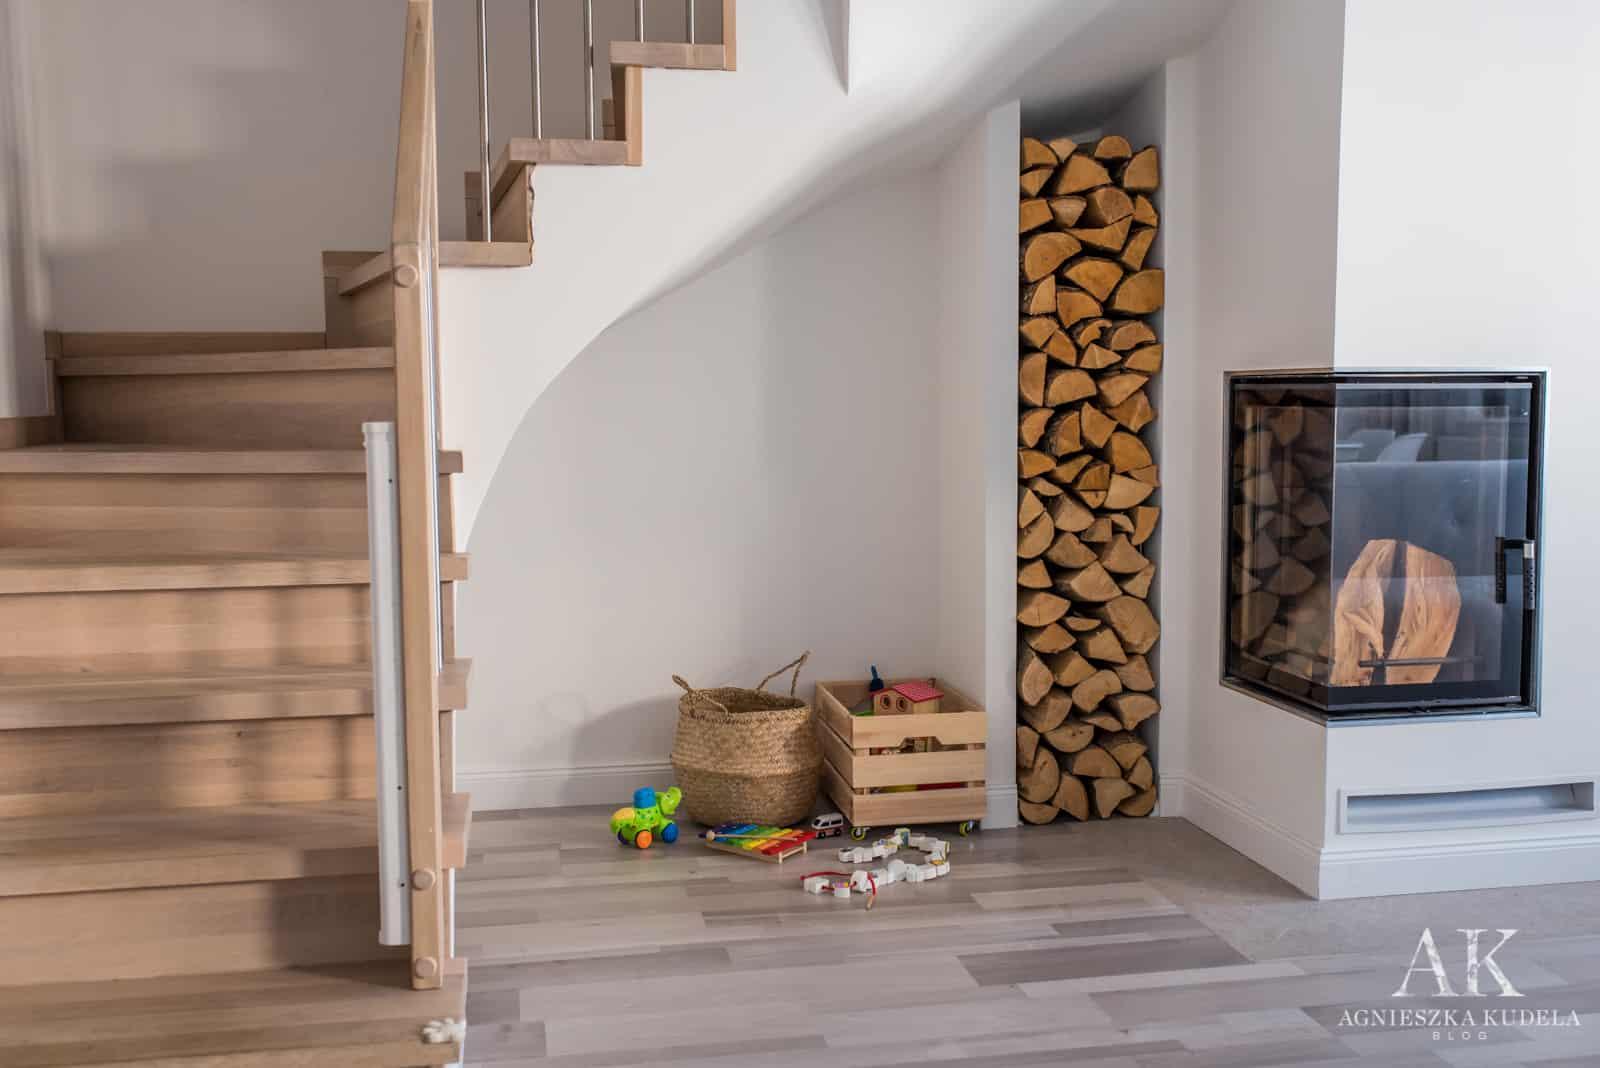 jak przechowywać drewno w salonie